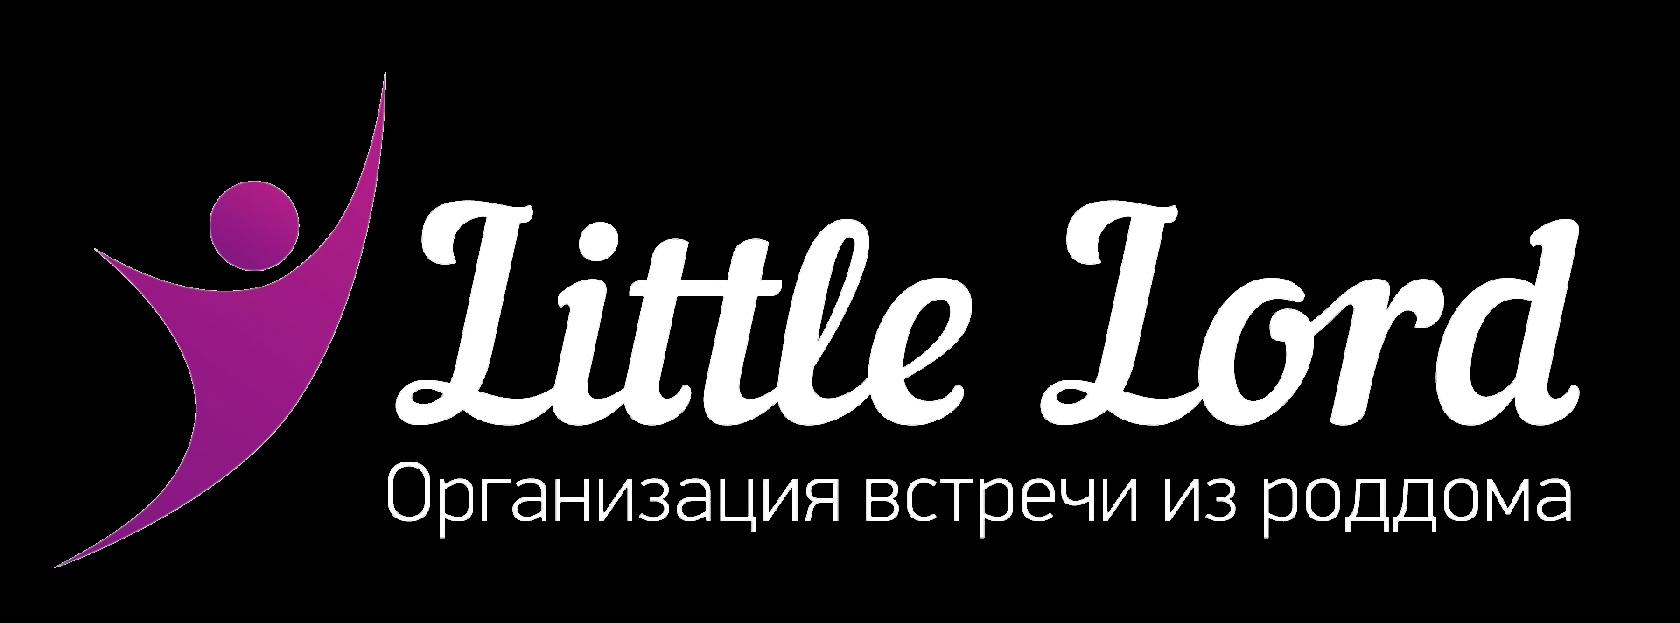 LittleLord